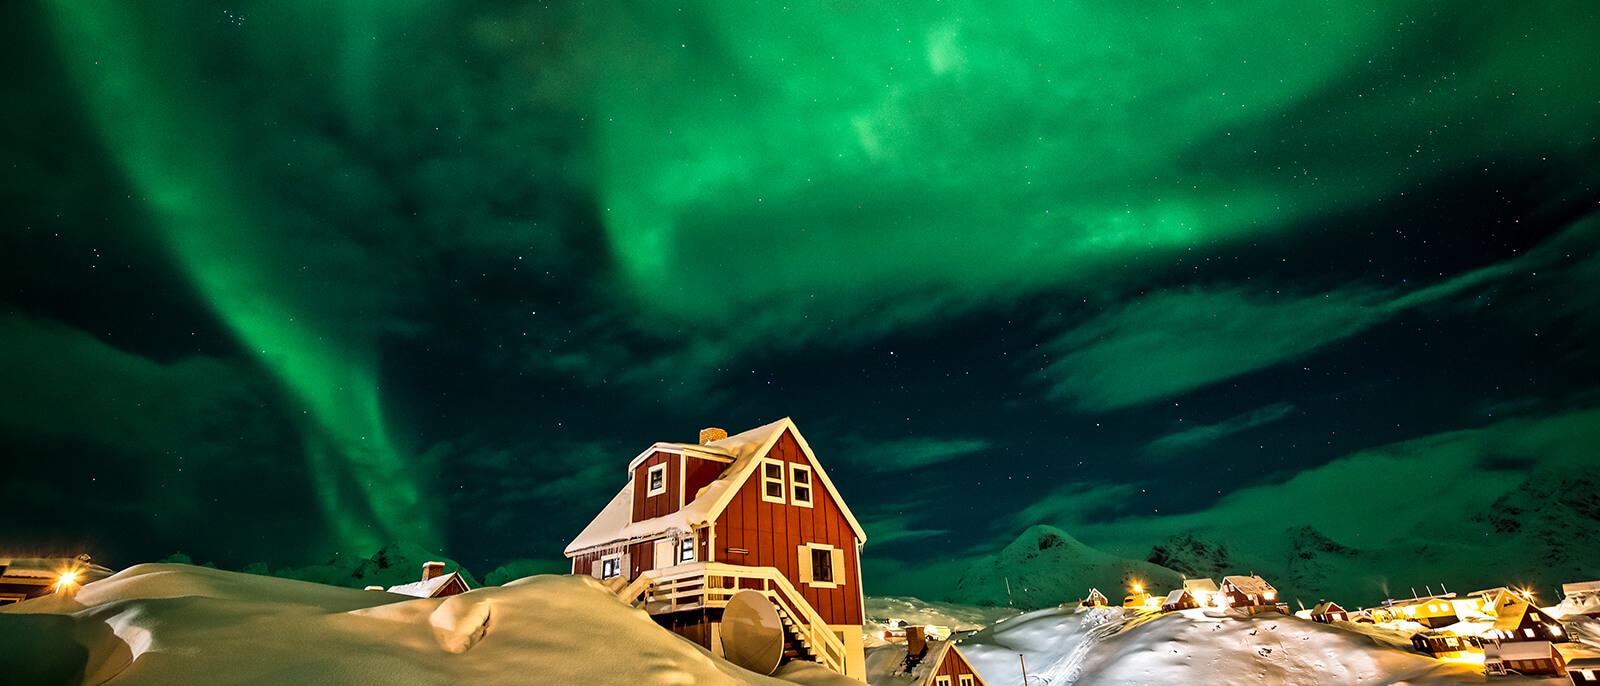 im hohen norden nordlichter schnee natur landschaft haeuser